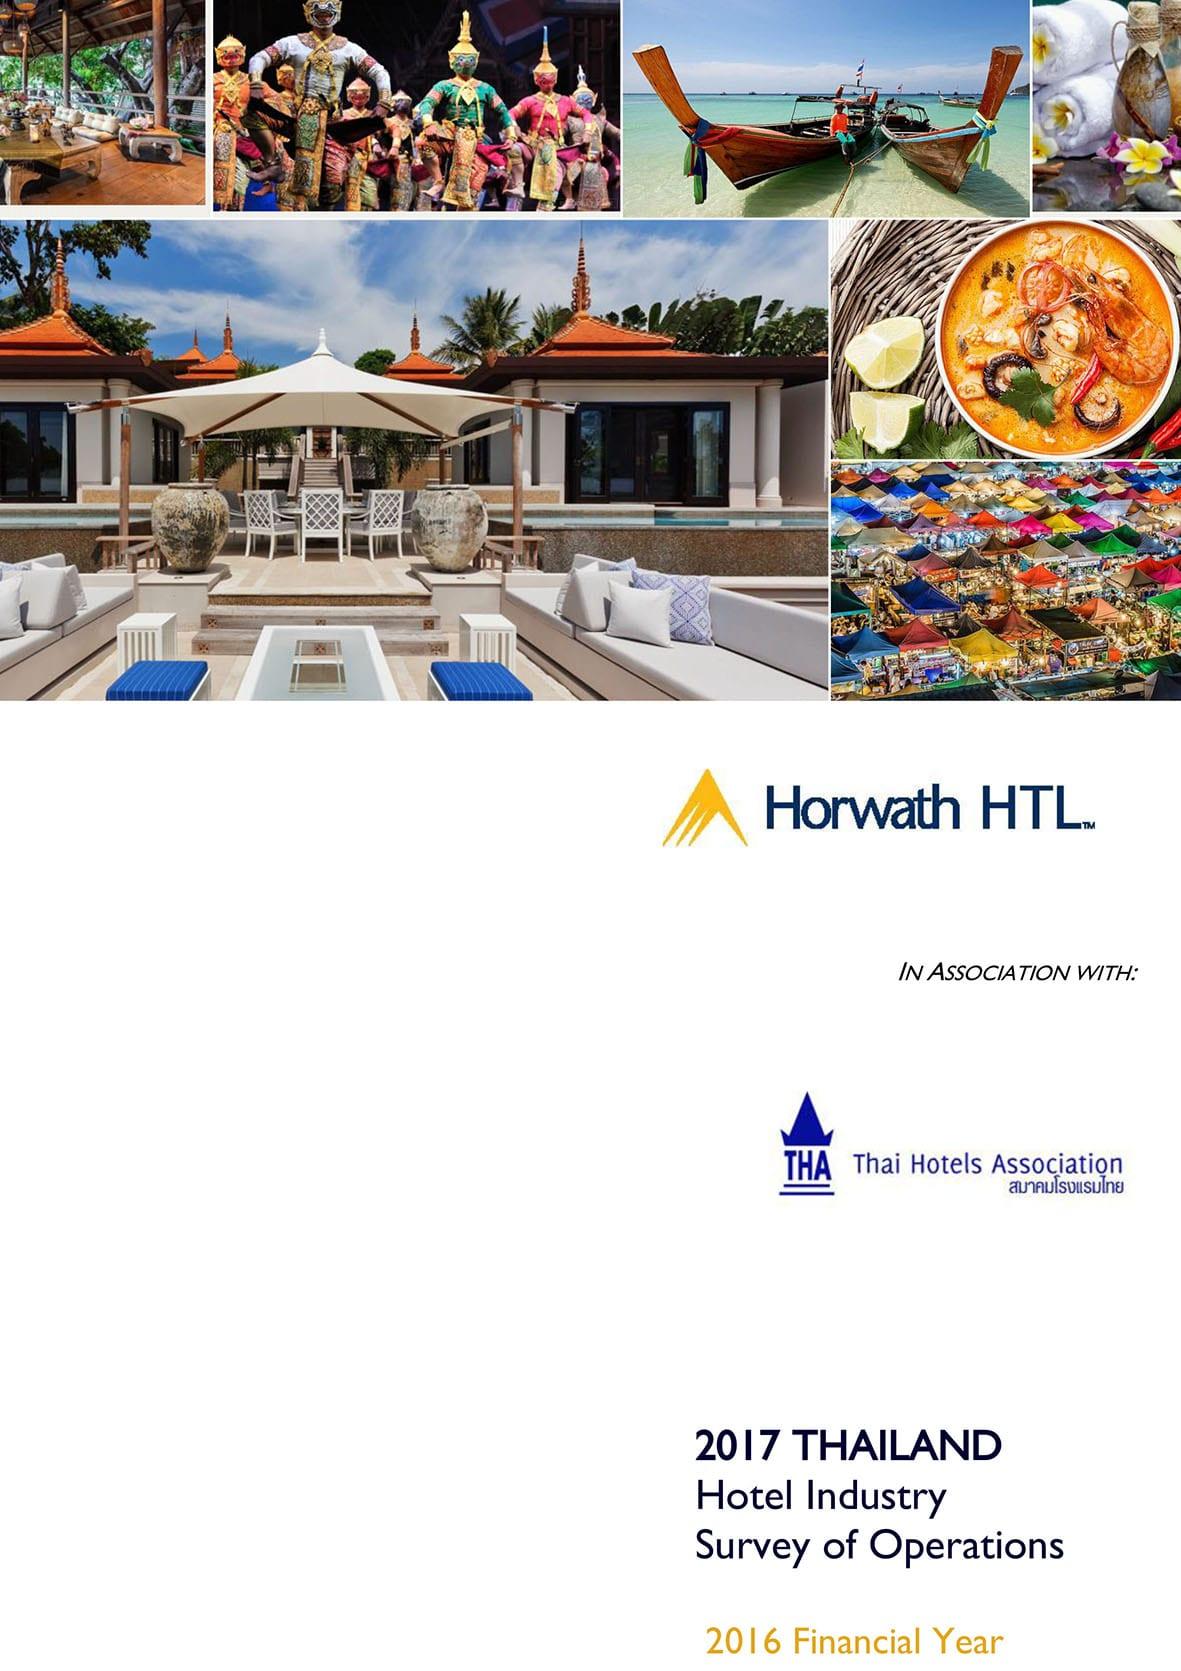 HHTL Annual Study 2017 Thailand 4